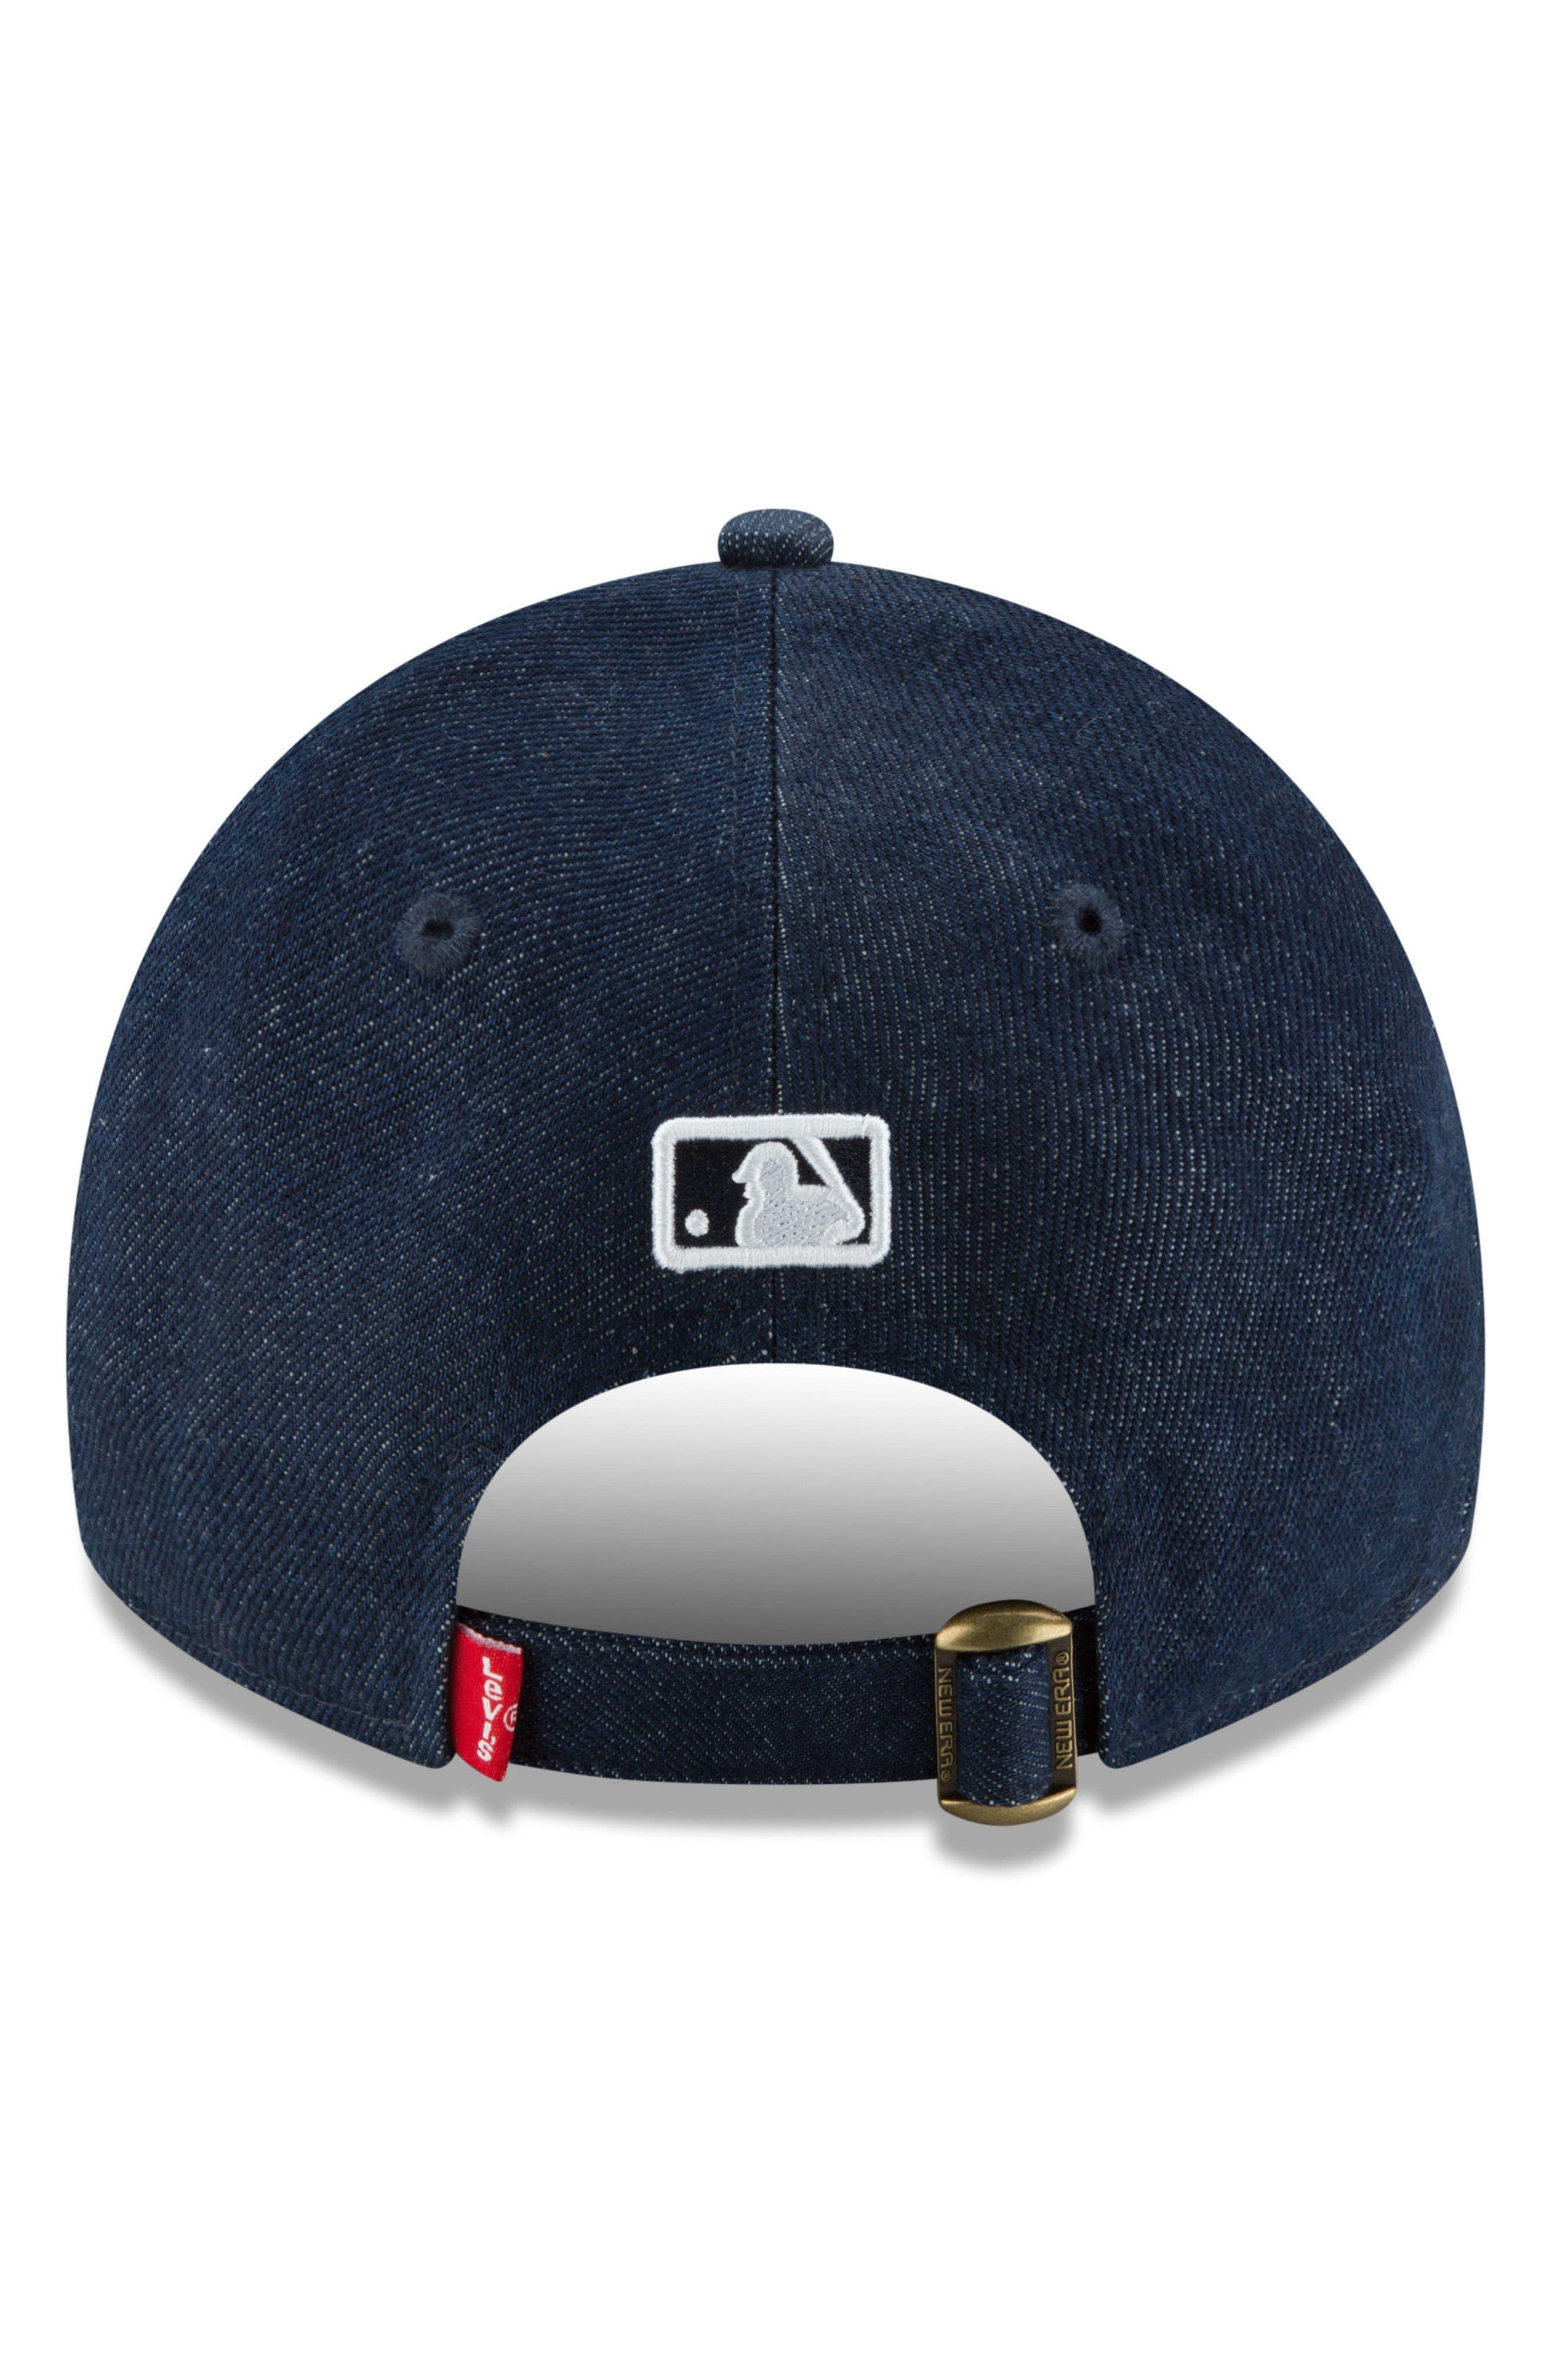 x Levi's<sup>®</sup> MLB17 Denim Baseball Cap,                             Alternate thumbnail 4, color,                             001